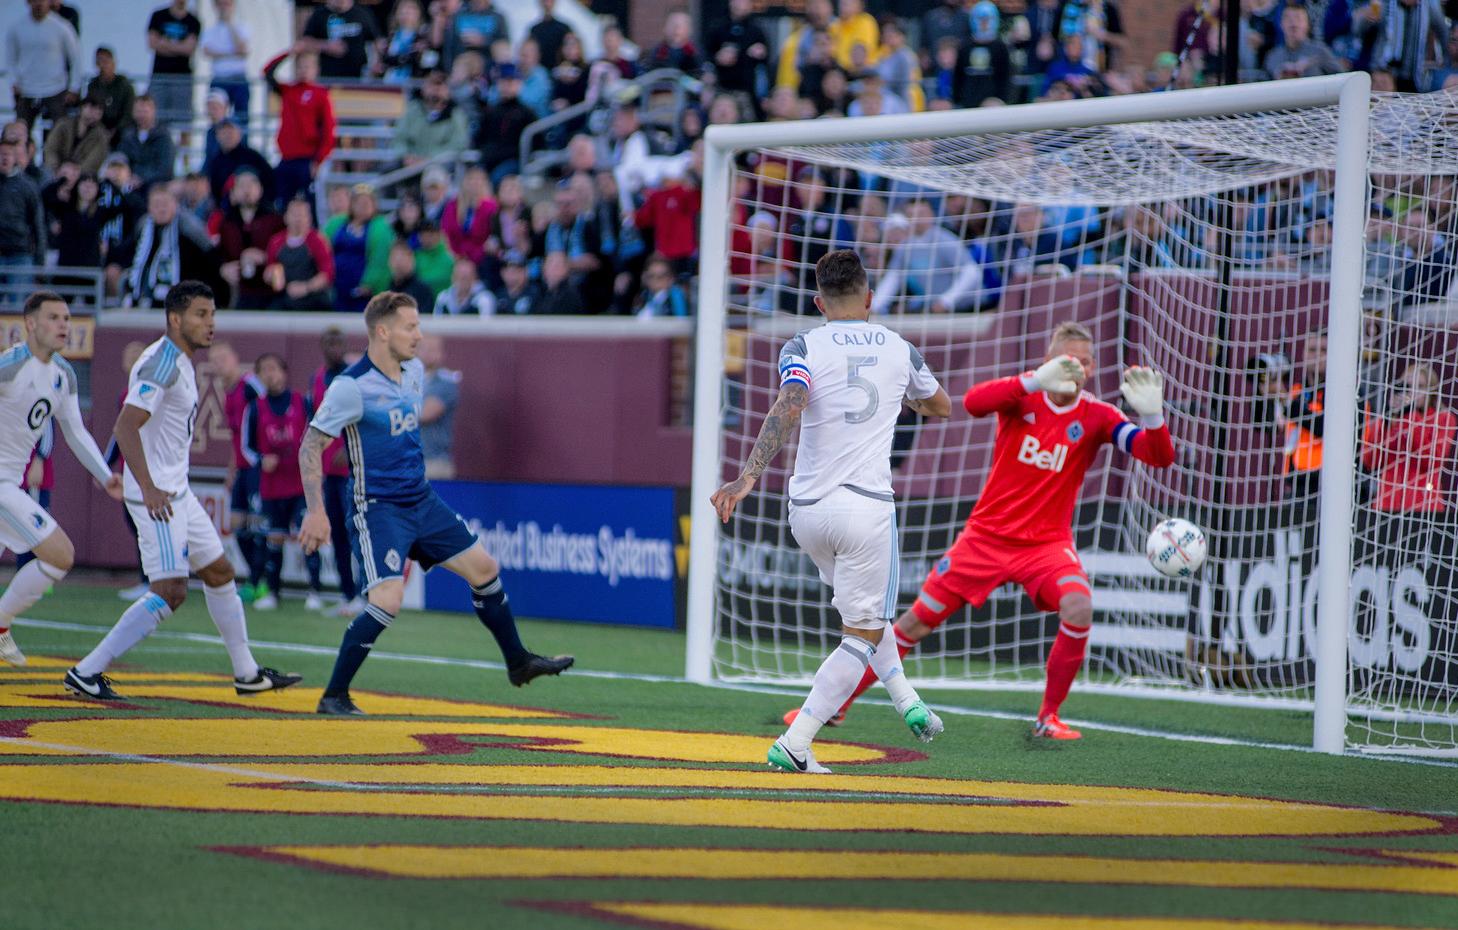 Calvo Goal Vancouver